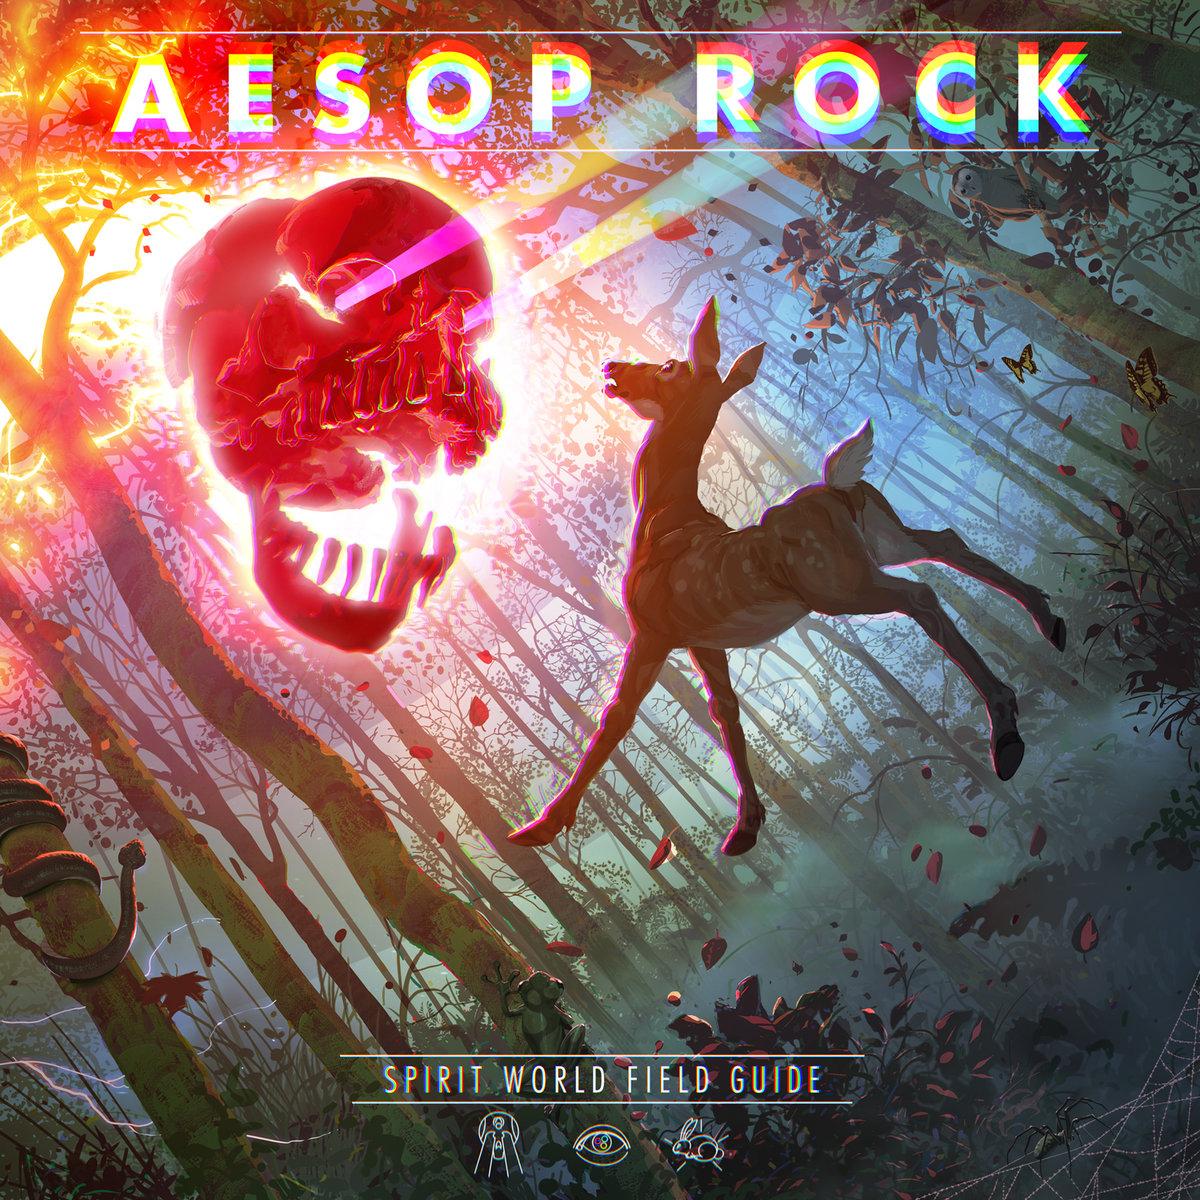 REVIEW: Aesop Rock, Spirit World Field Guide